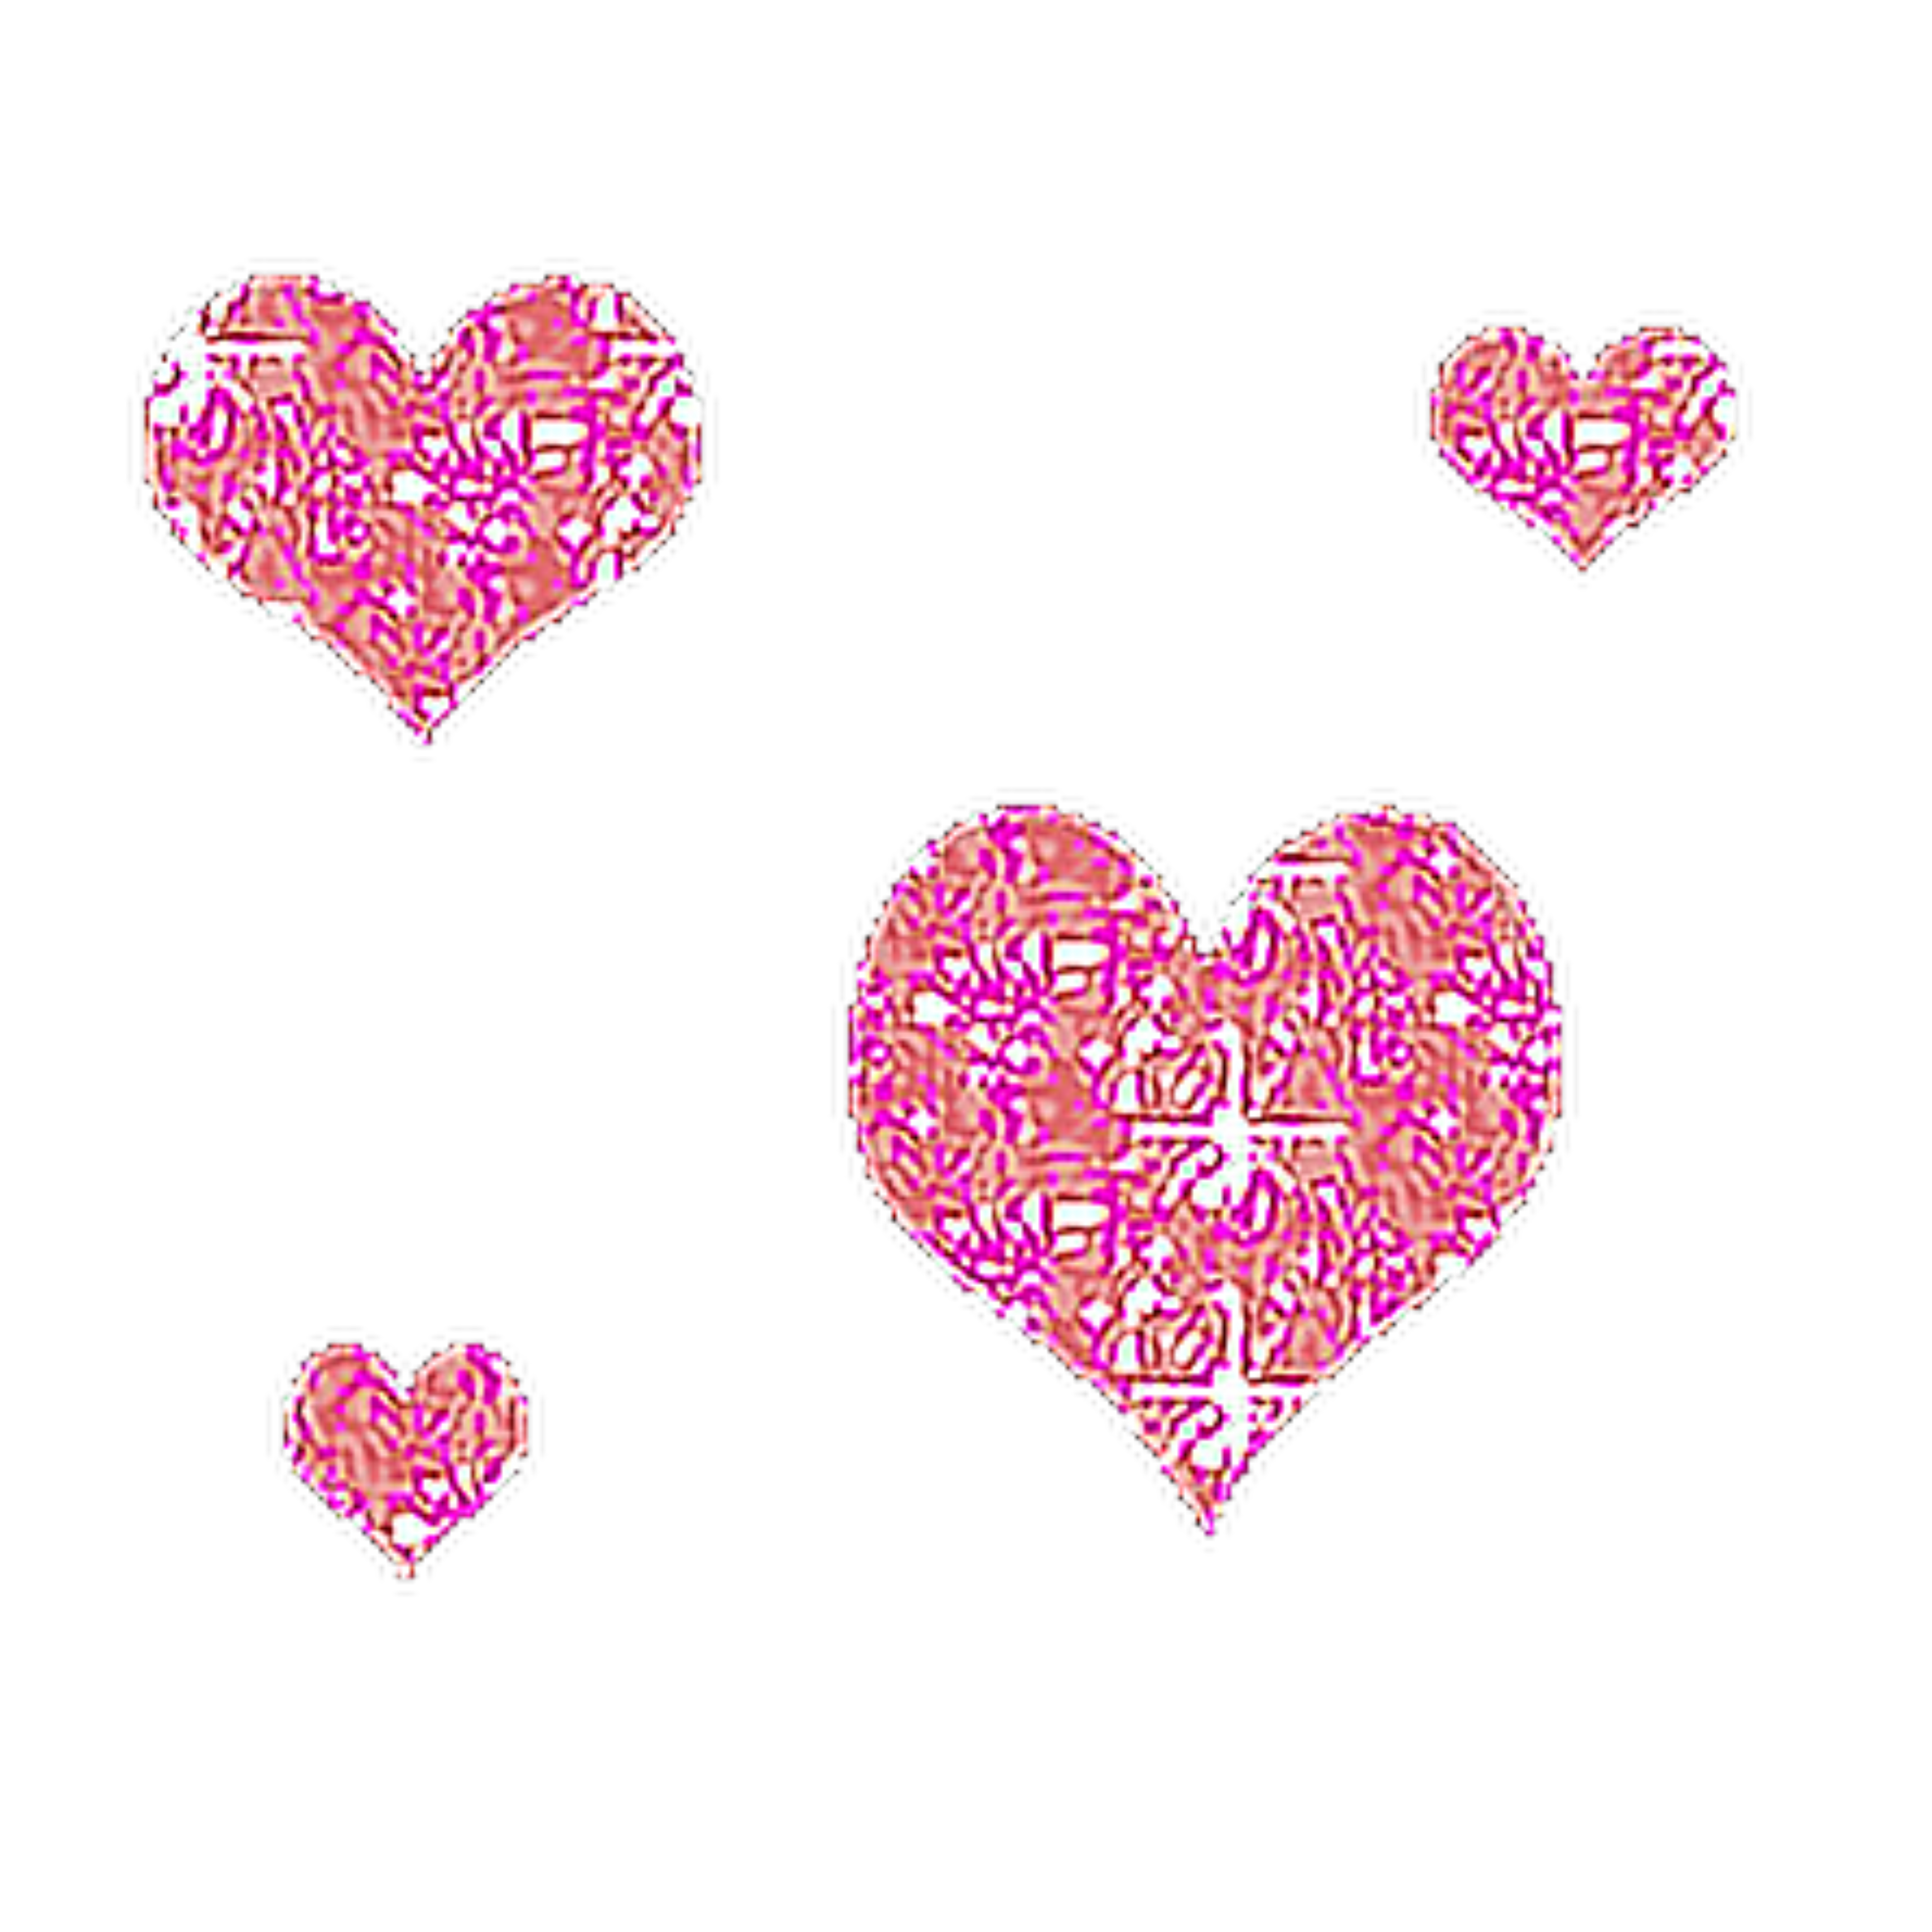 гиф анимашка розовое сердечко